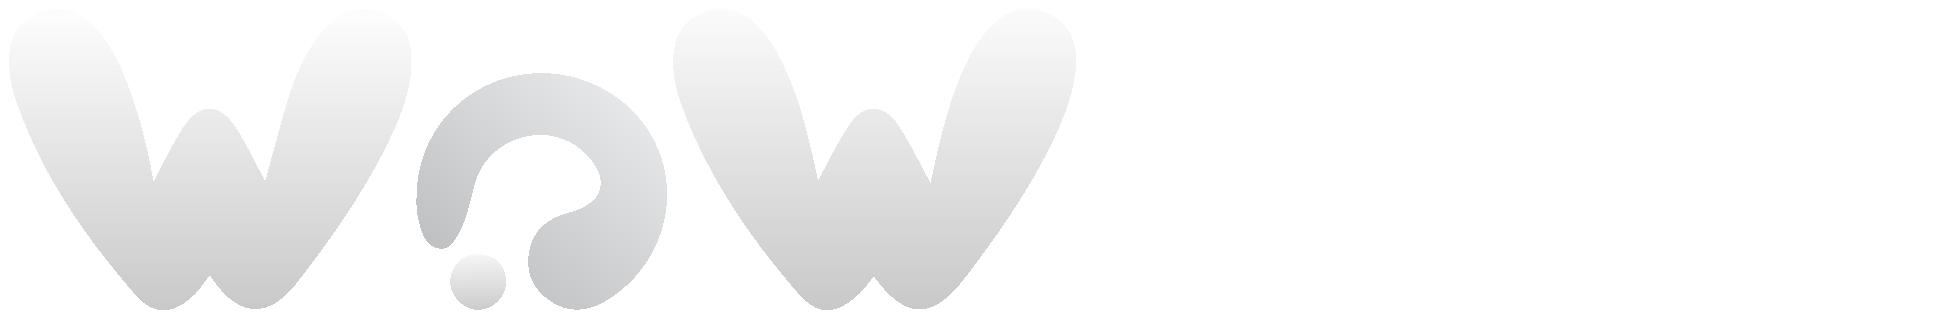 Hooligoal Social Network Logo